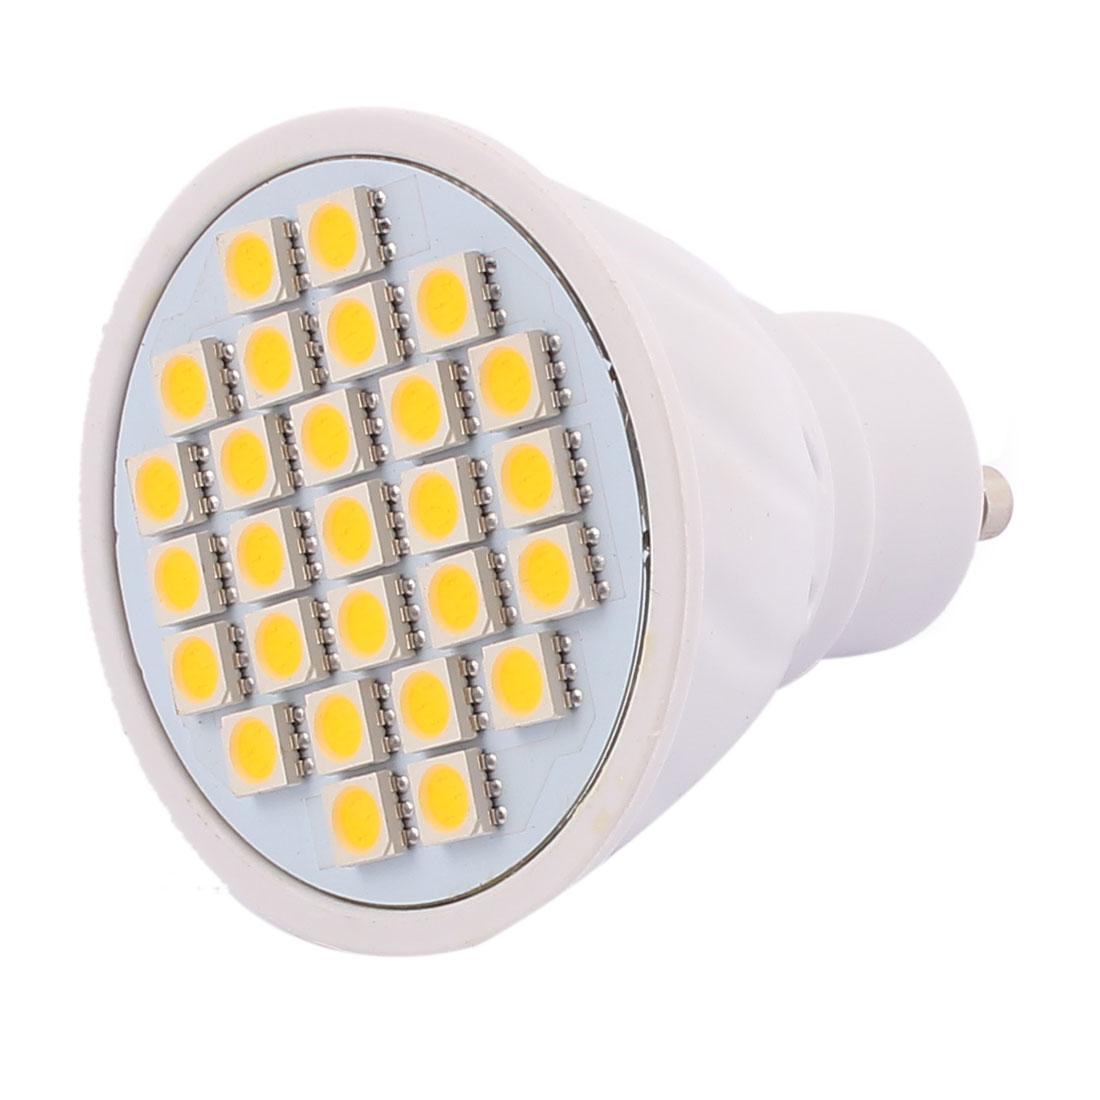 220V-240V GU10 LED Light 4W 5050 SMD 27 LEDs Spotlight Down Lamp Bulb Energy Save Warm White